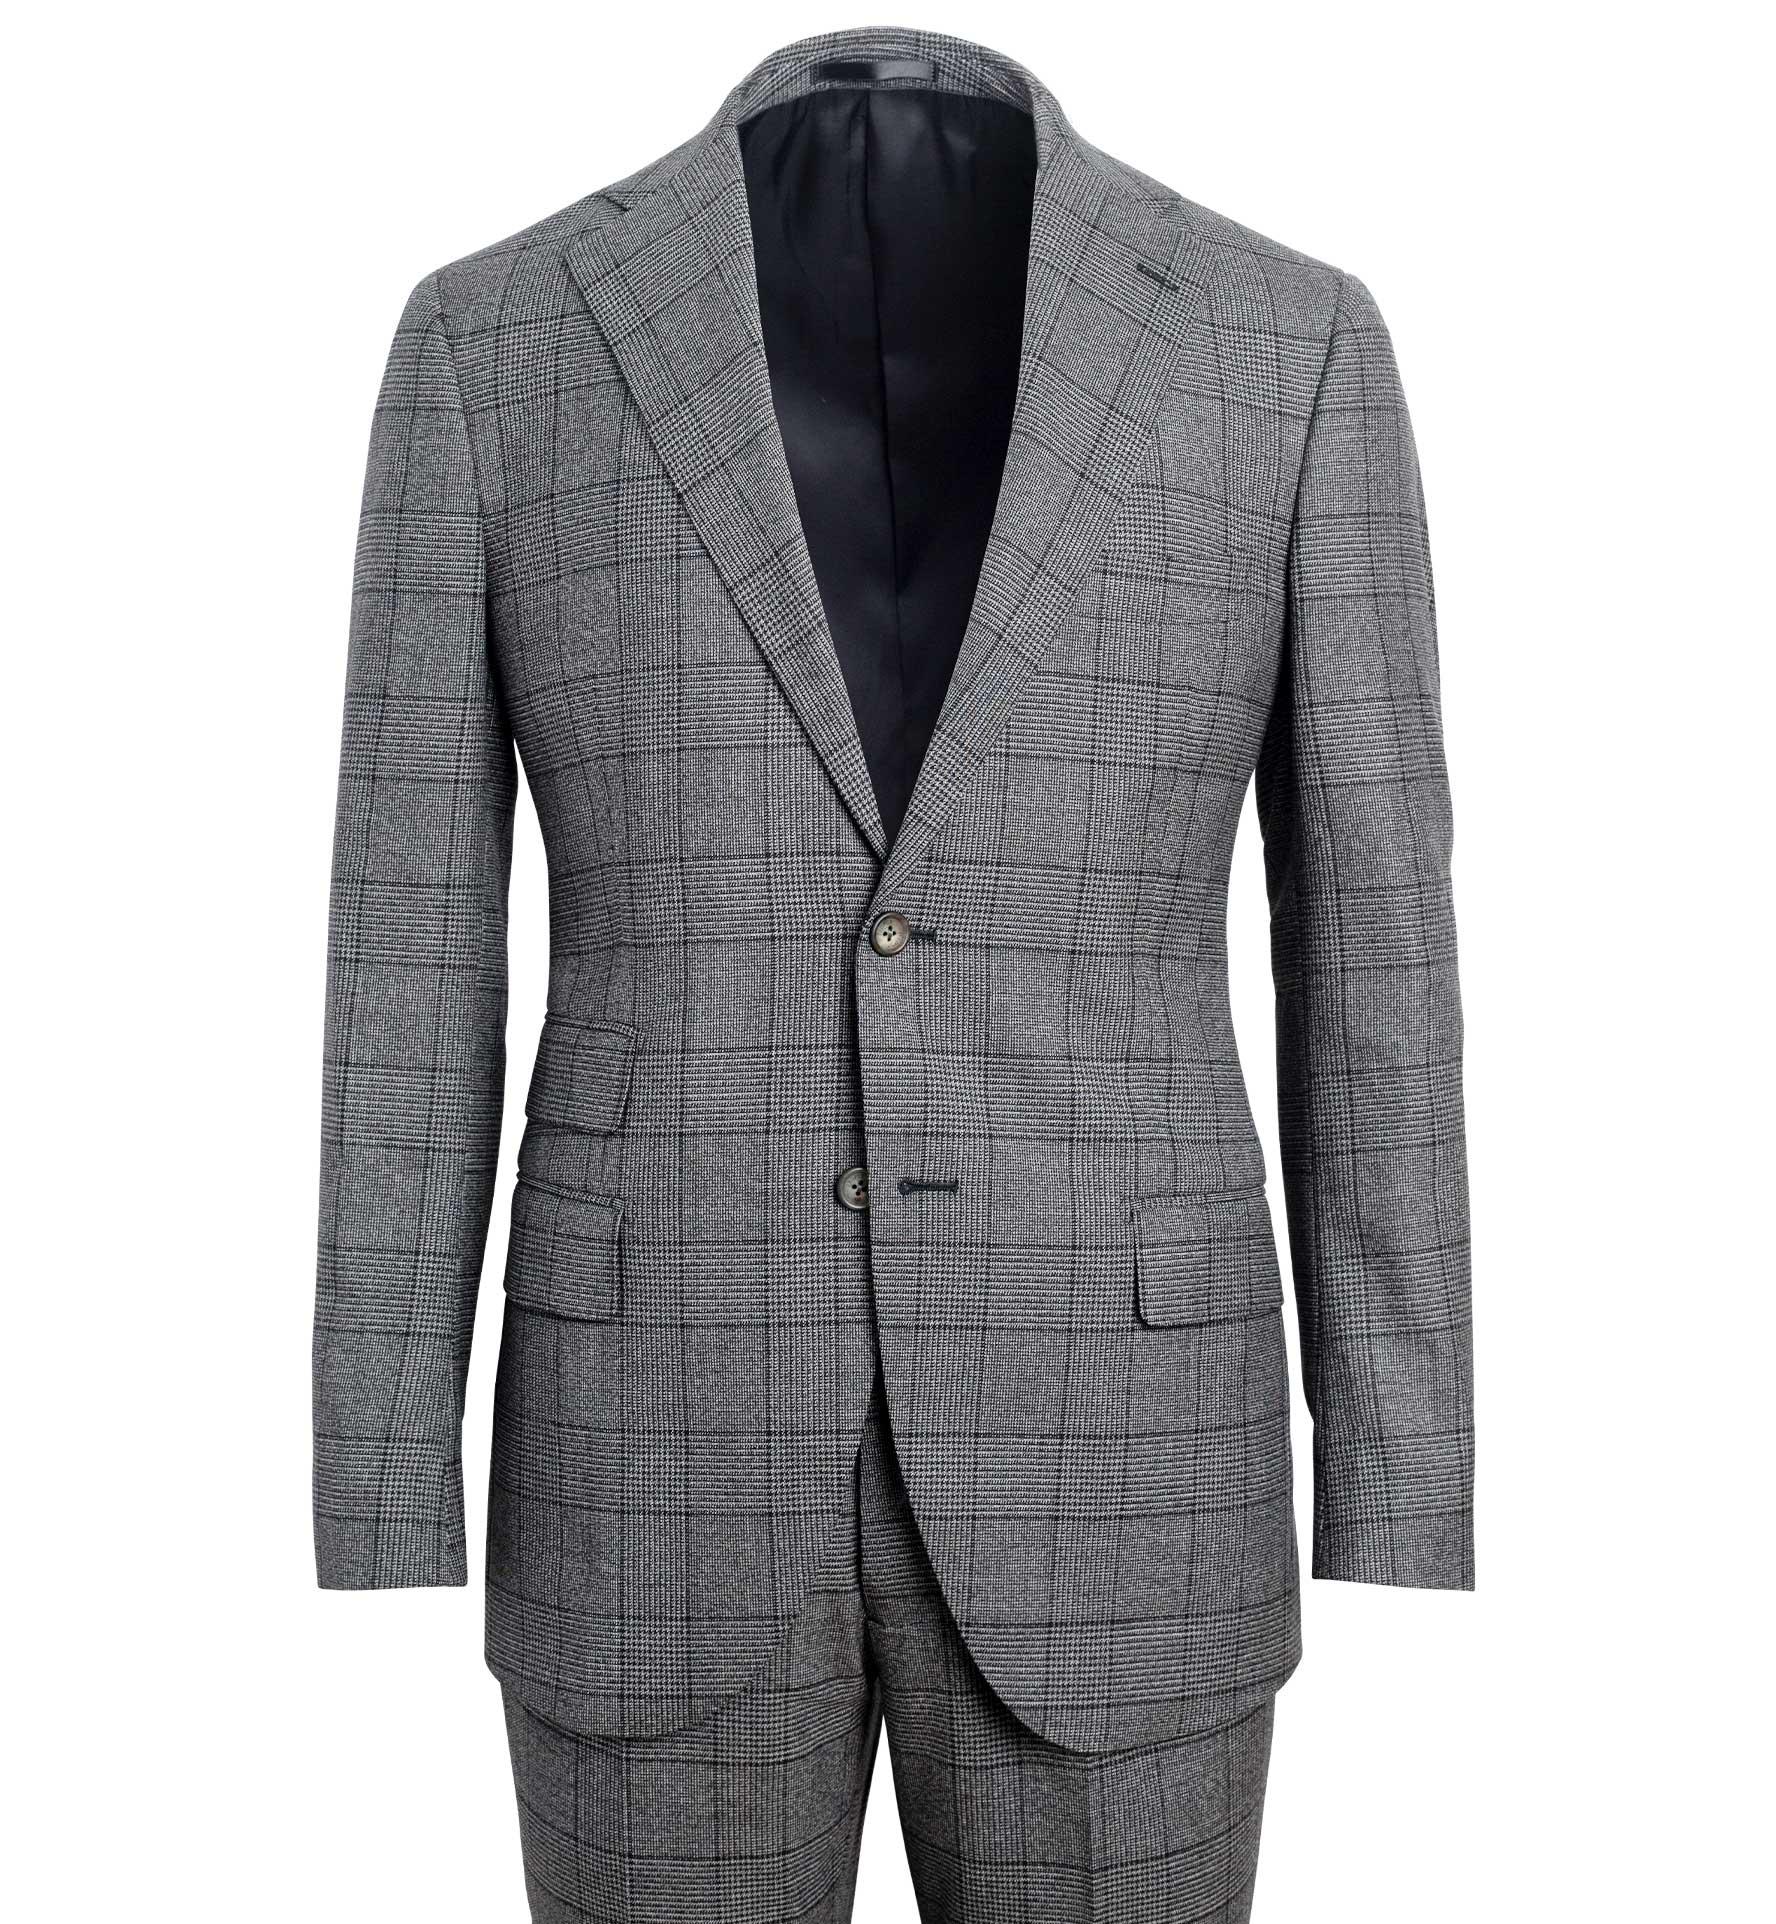 Zoom Image of Allen Grey Melange S130s Glen Plaid Suit